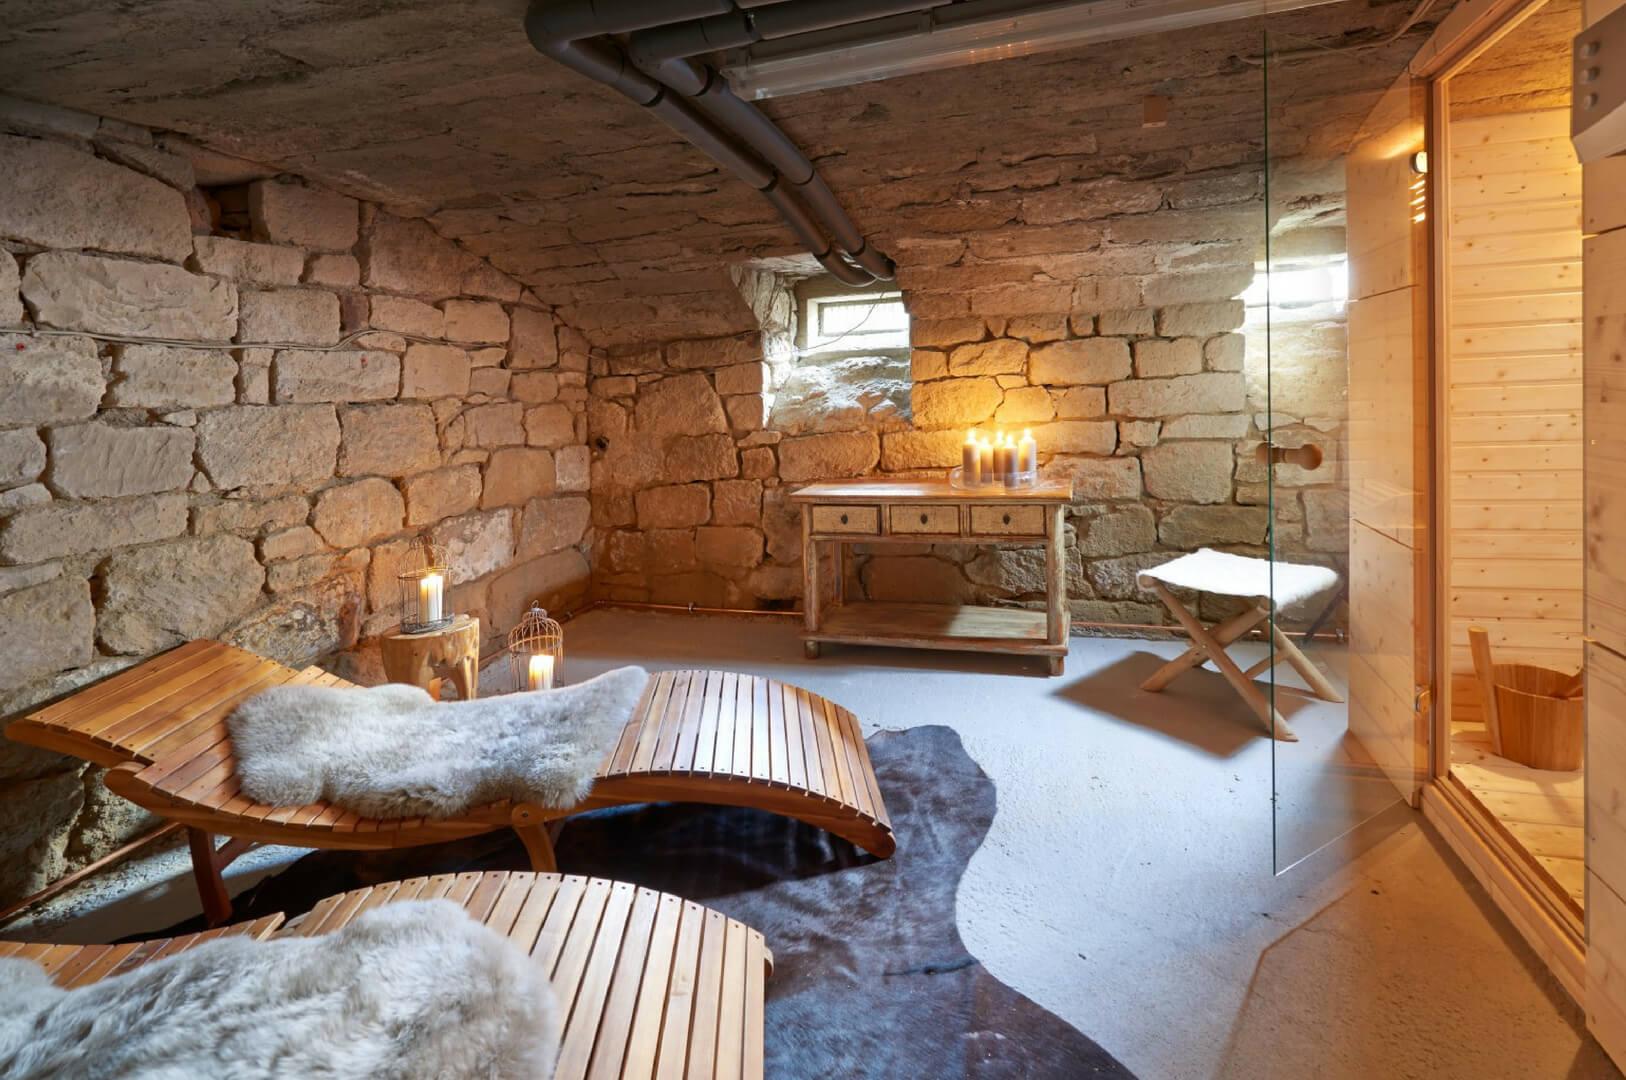 Fins Vakantie Huis : Vakantiehuis lemontree i een luxe vakantiehuis voor 7 personen in de